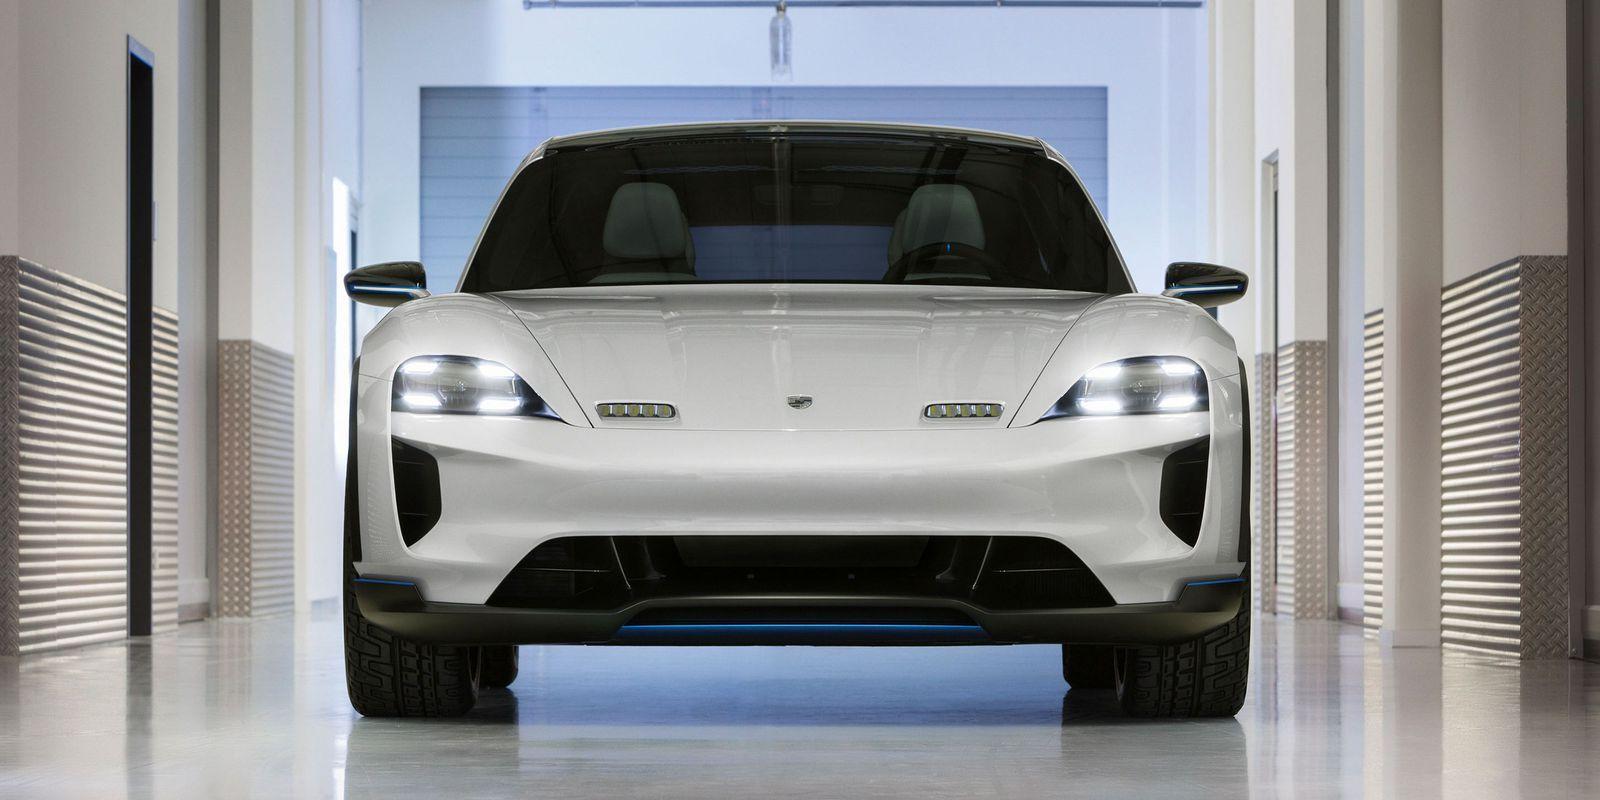 Porsche Rolls Out A Hot Rodded Electric Suv Mission E Porsche Mission Porsche